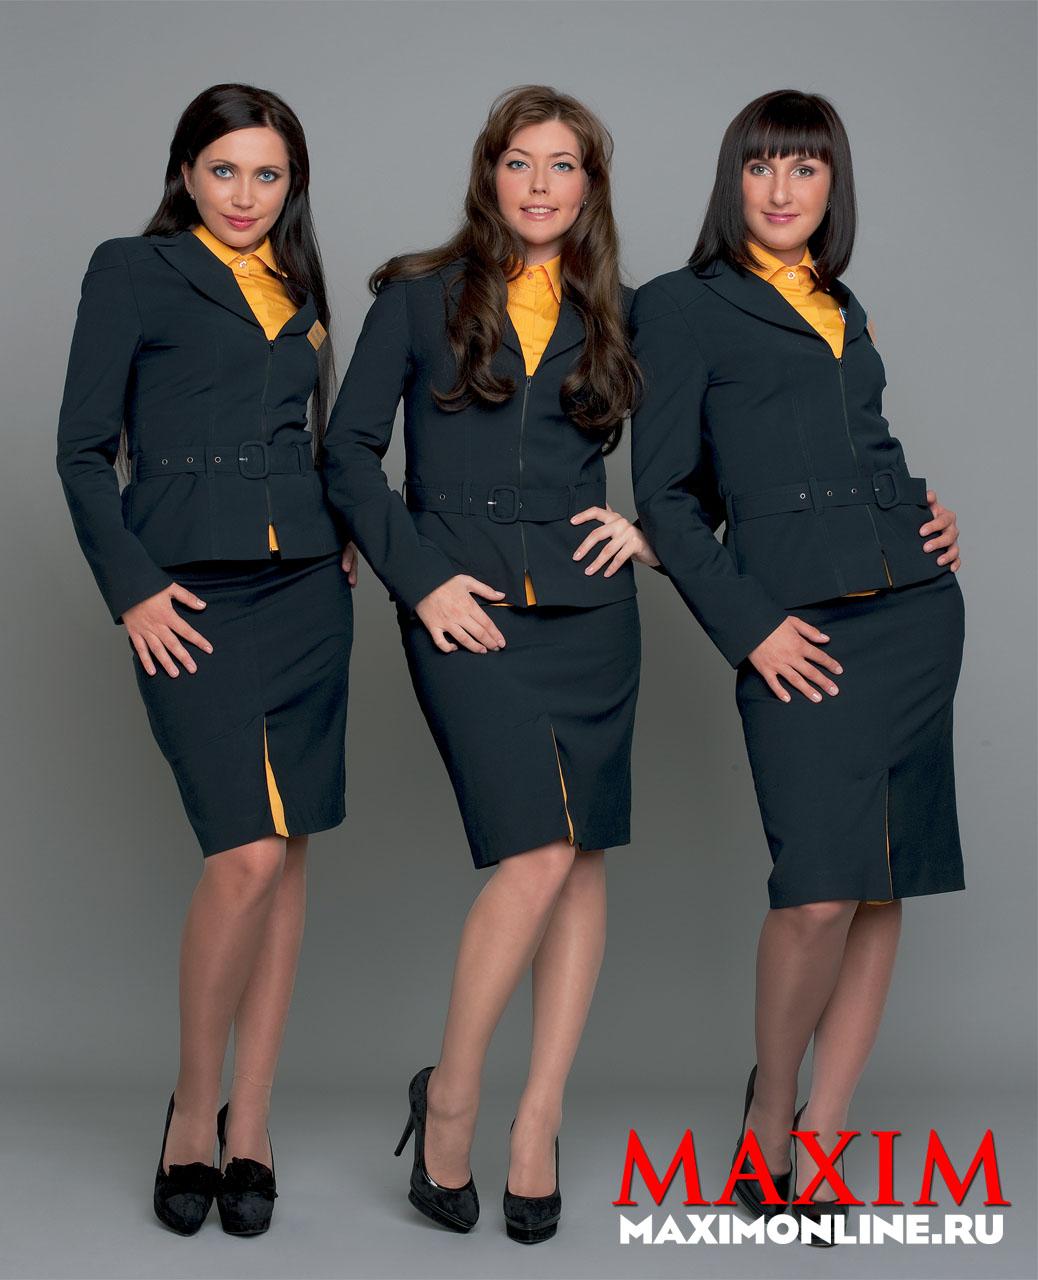 http://3.bp.blogspot.com/-2wWw7nLpqt8/TuRFOMIGMVI/AAAAAAAAJfs/JgrzCfTPhcU/s1600/avianova+maxim+stewardess+nude+sexy2.jpg